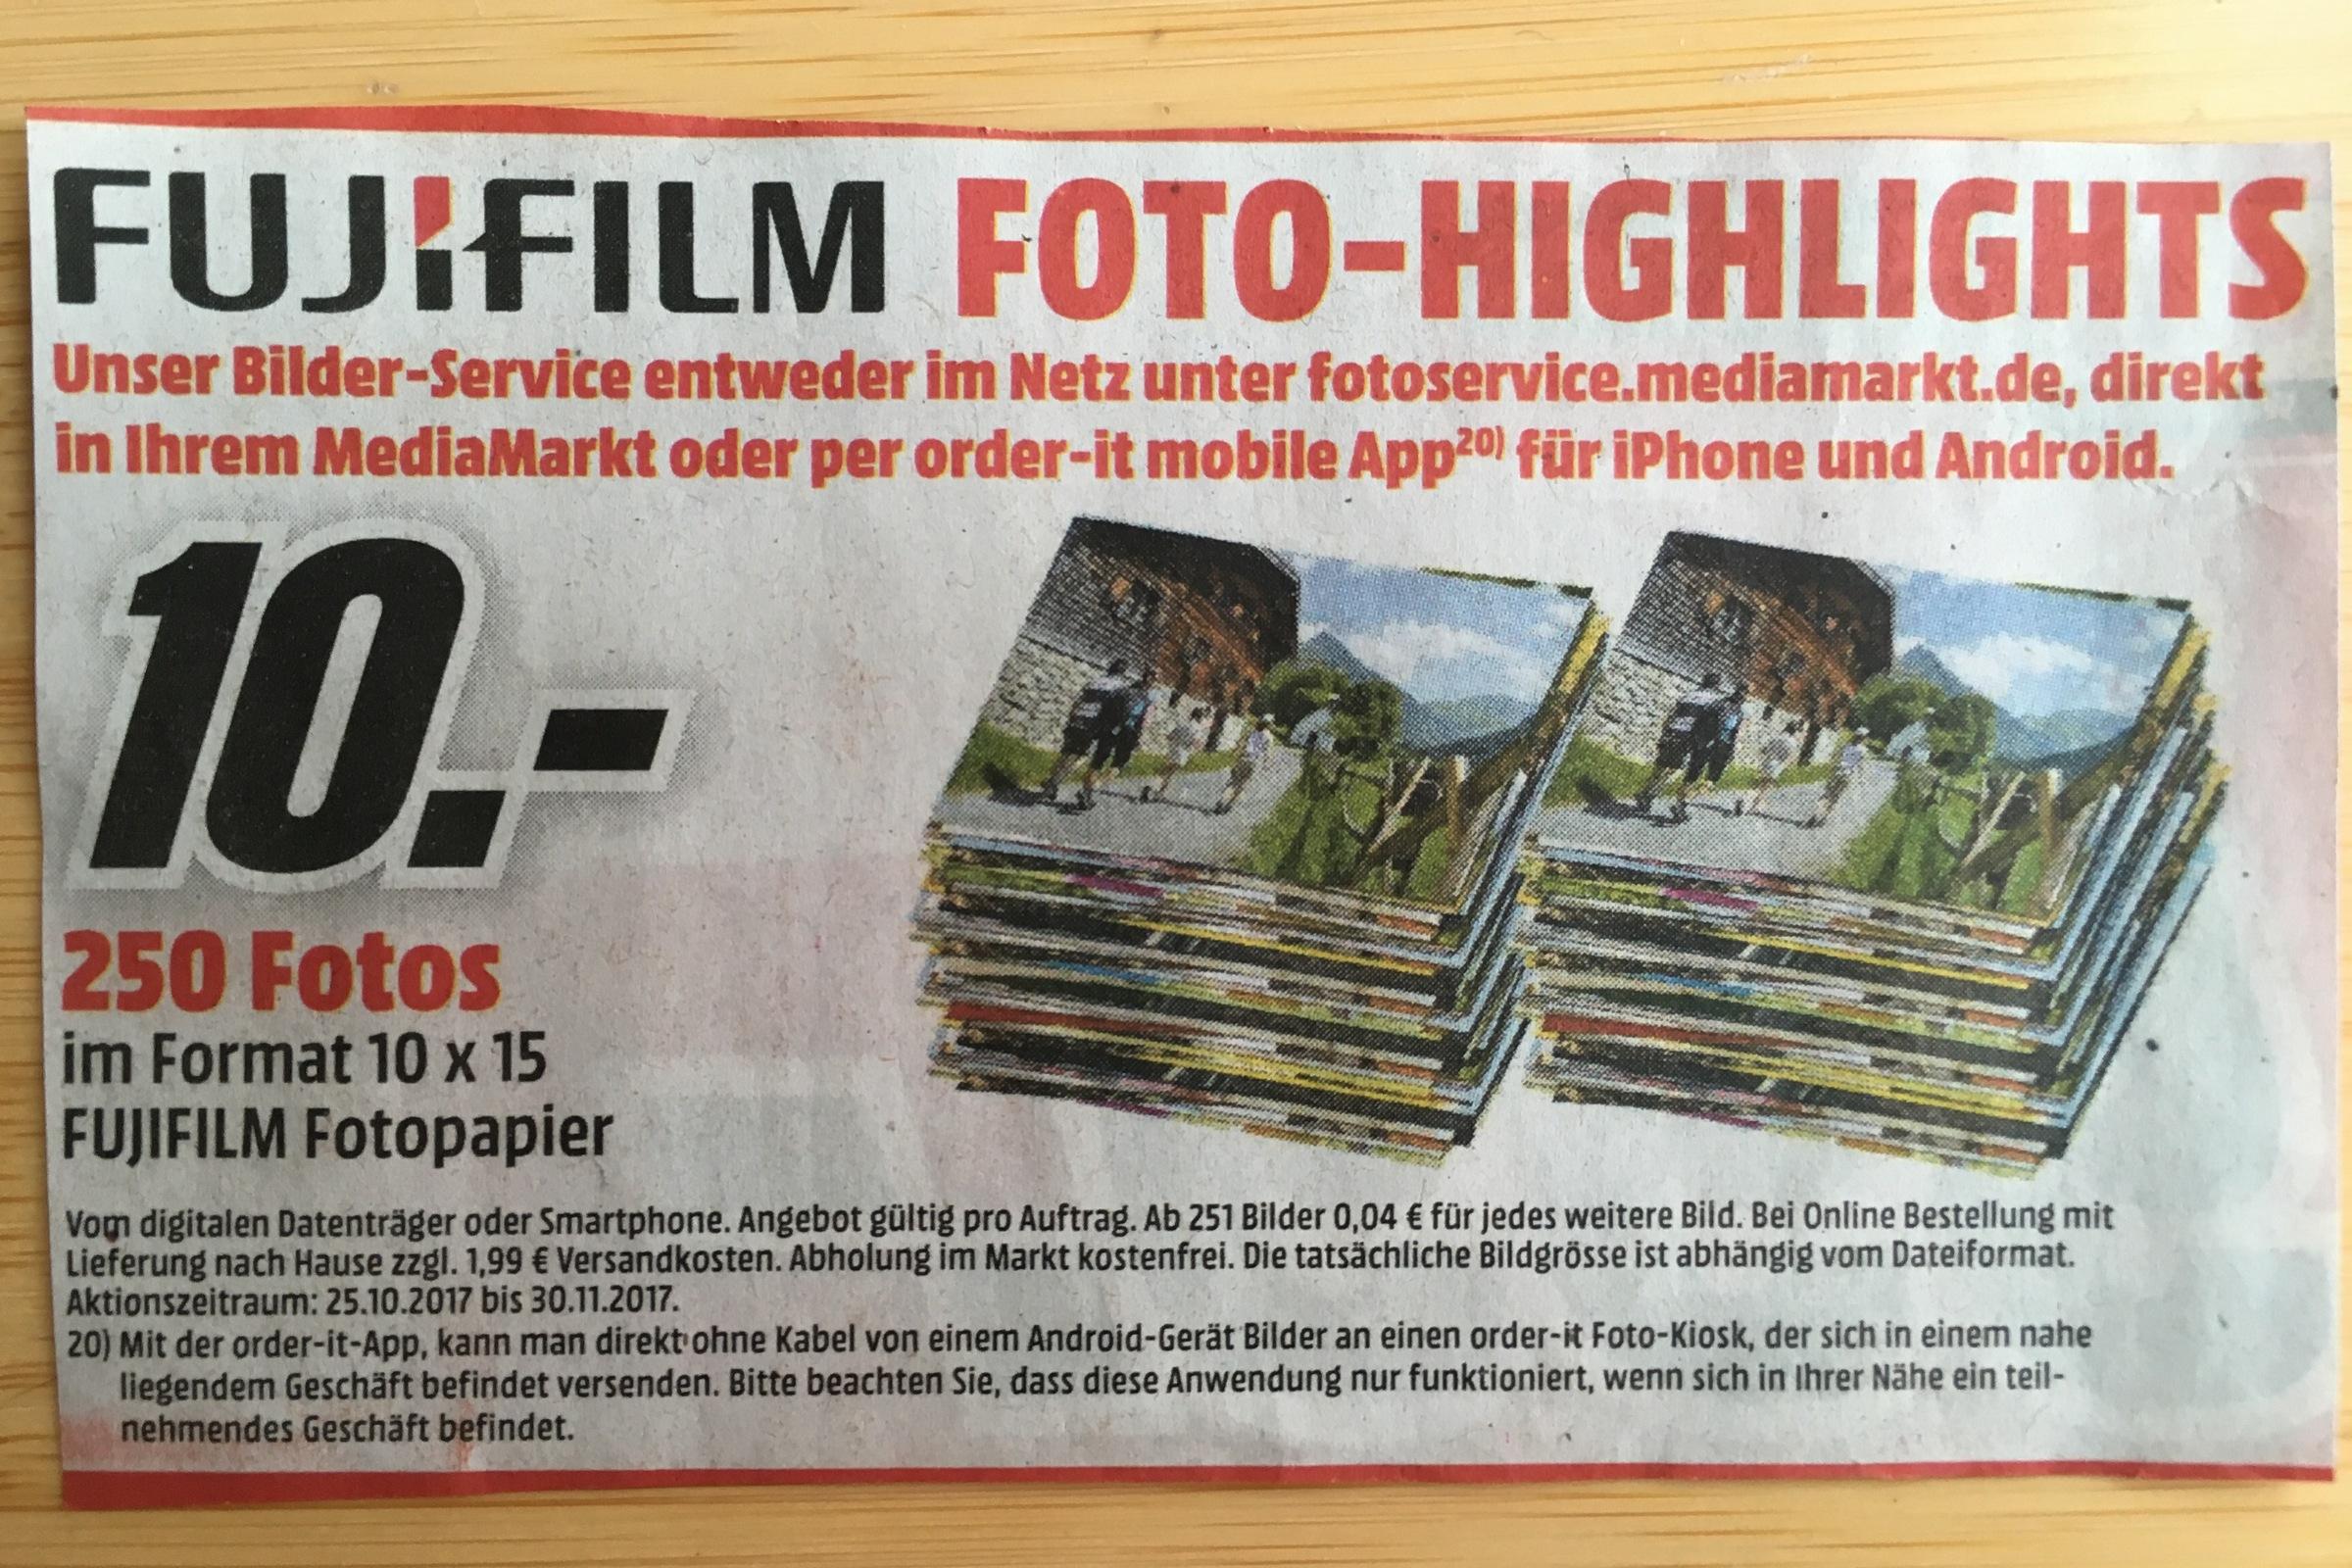 [Fujifilm][Media Markt] 250 Fotos / Abzüge im 10er Format für 10 Euro